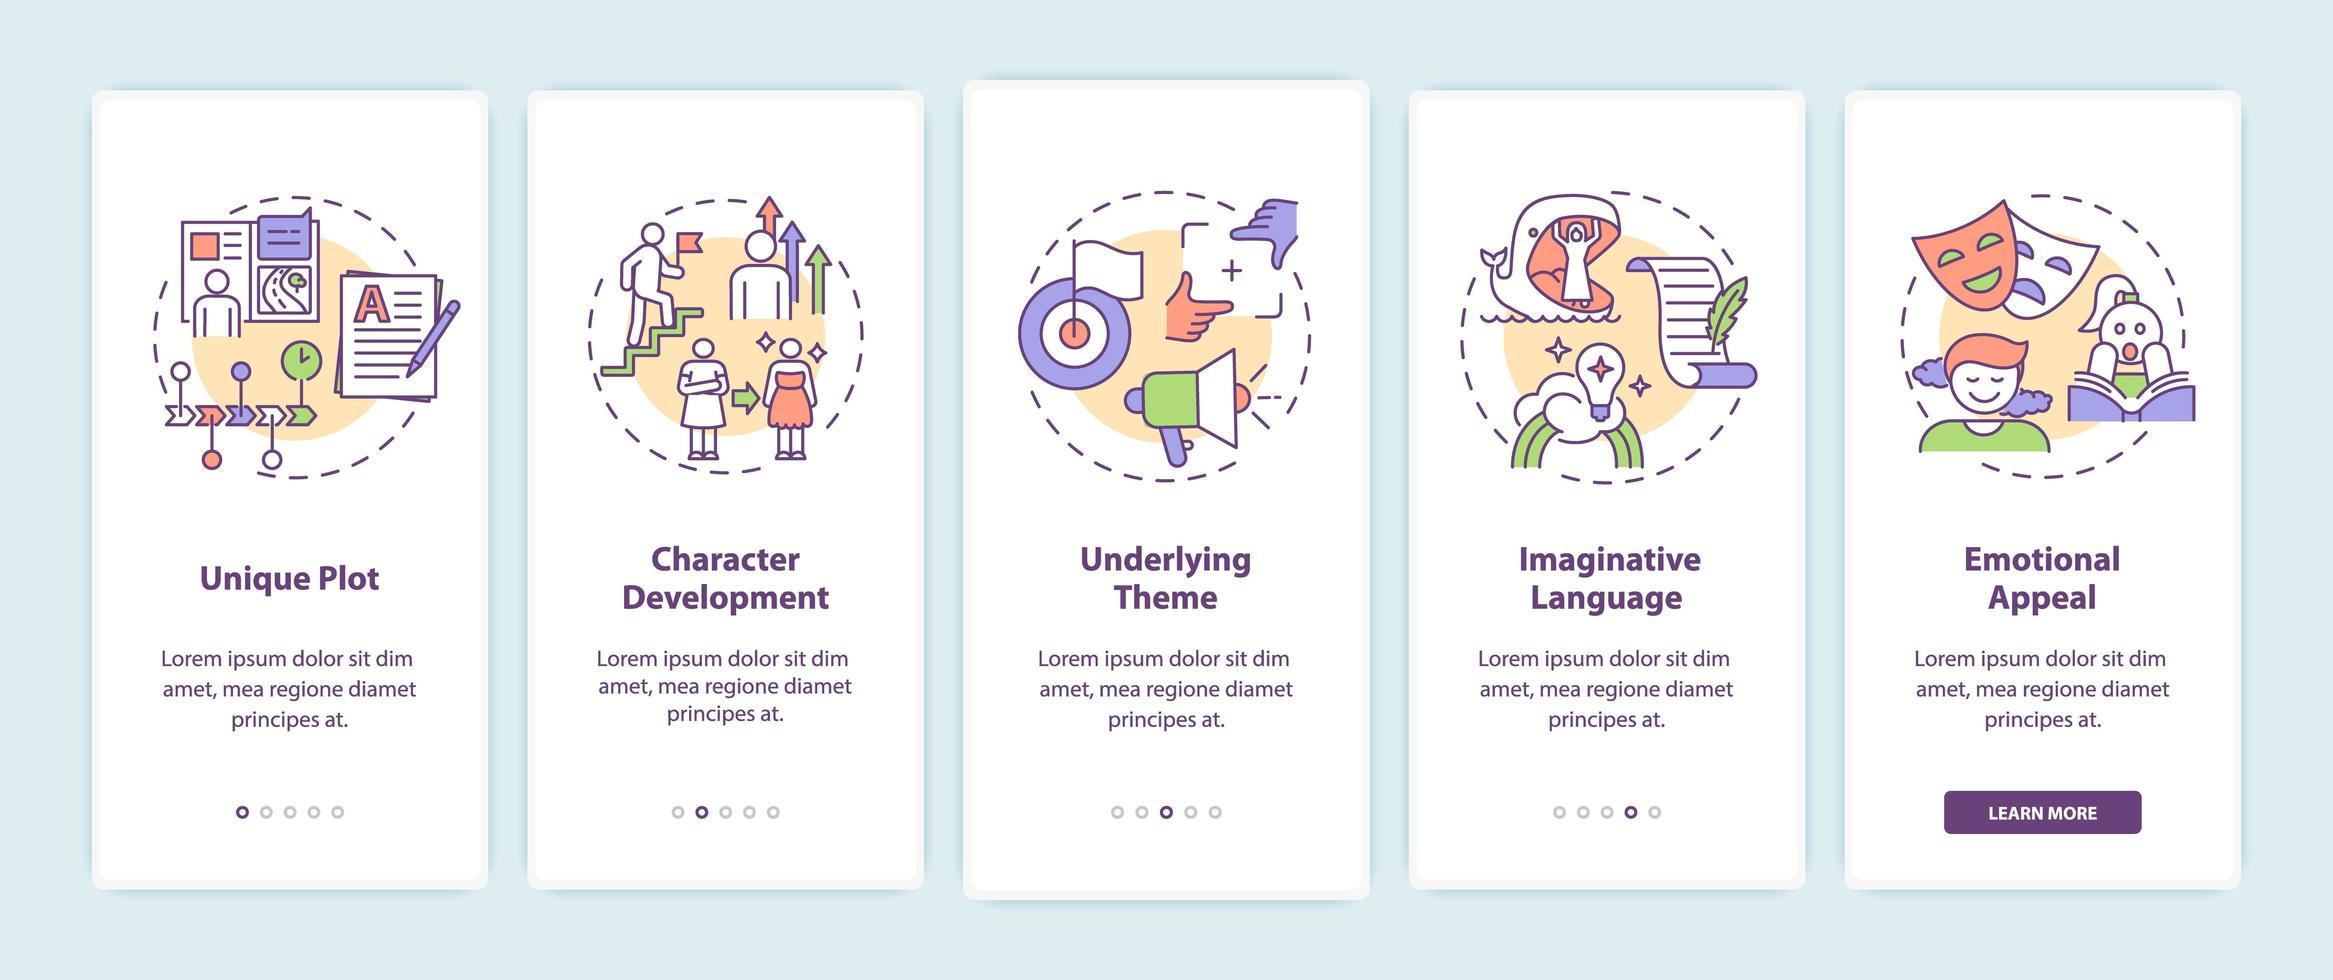 elementos de escritura creativa incorporando la pantalla de la página de la aplicación móvil vector